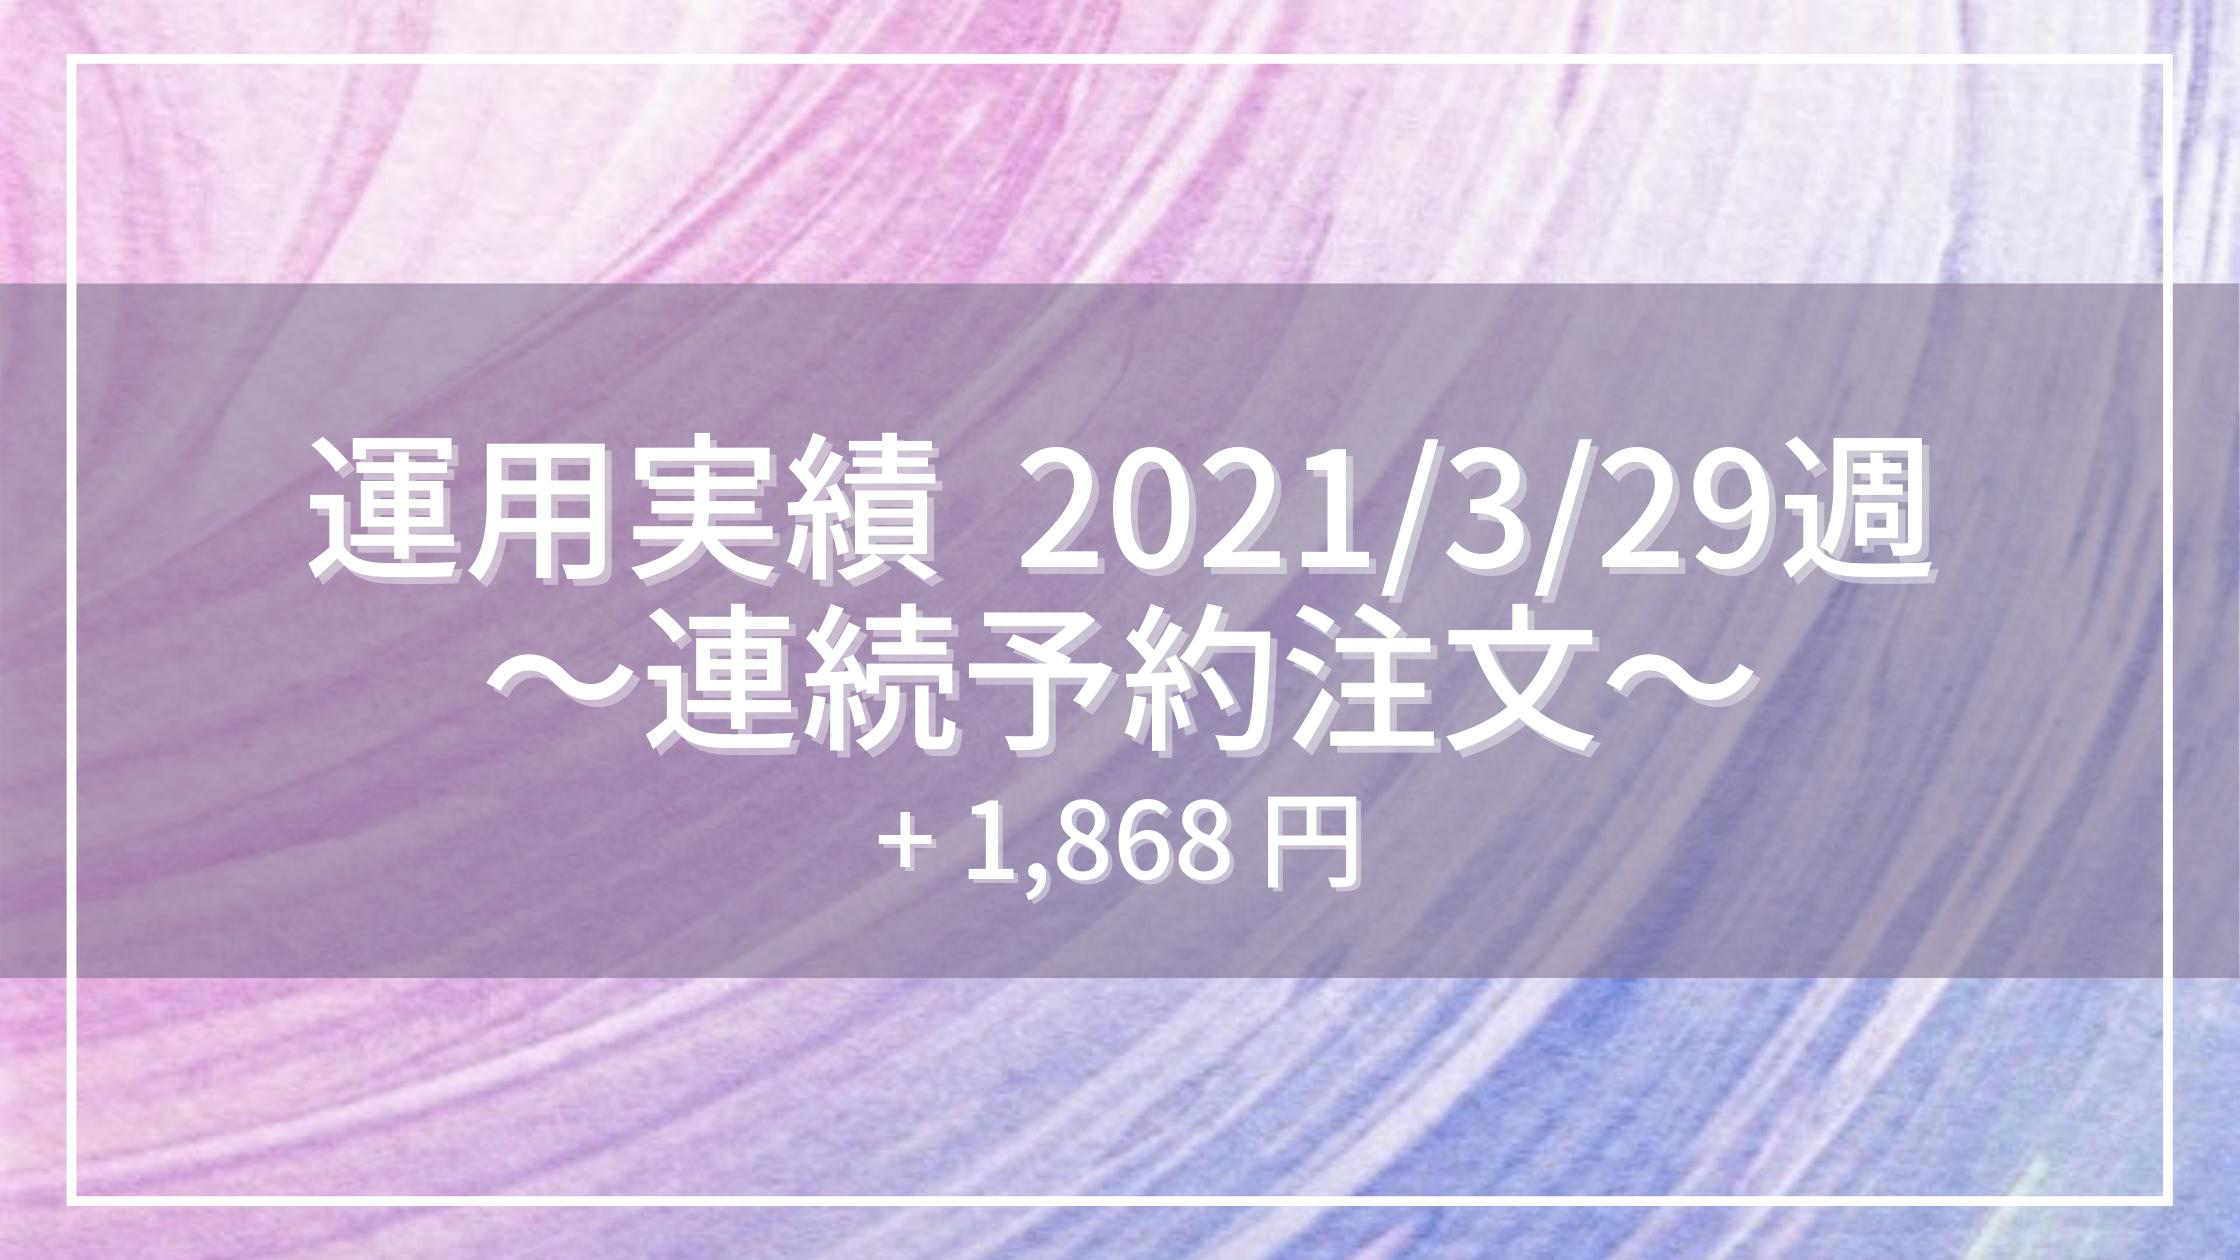 20210329_運用実績_連続予約注文